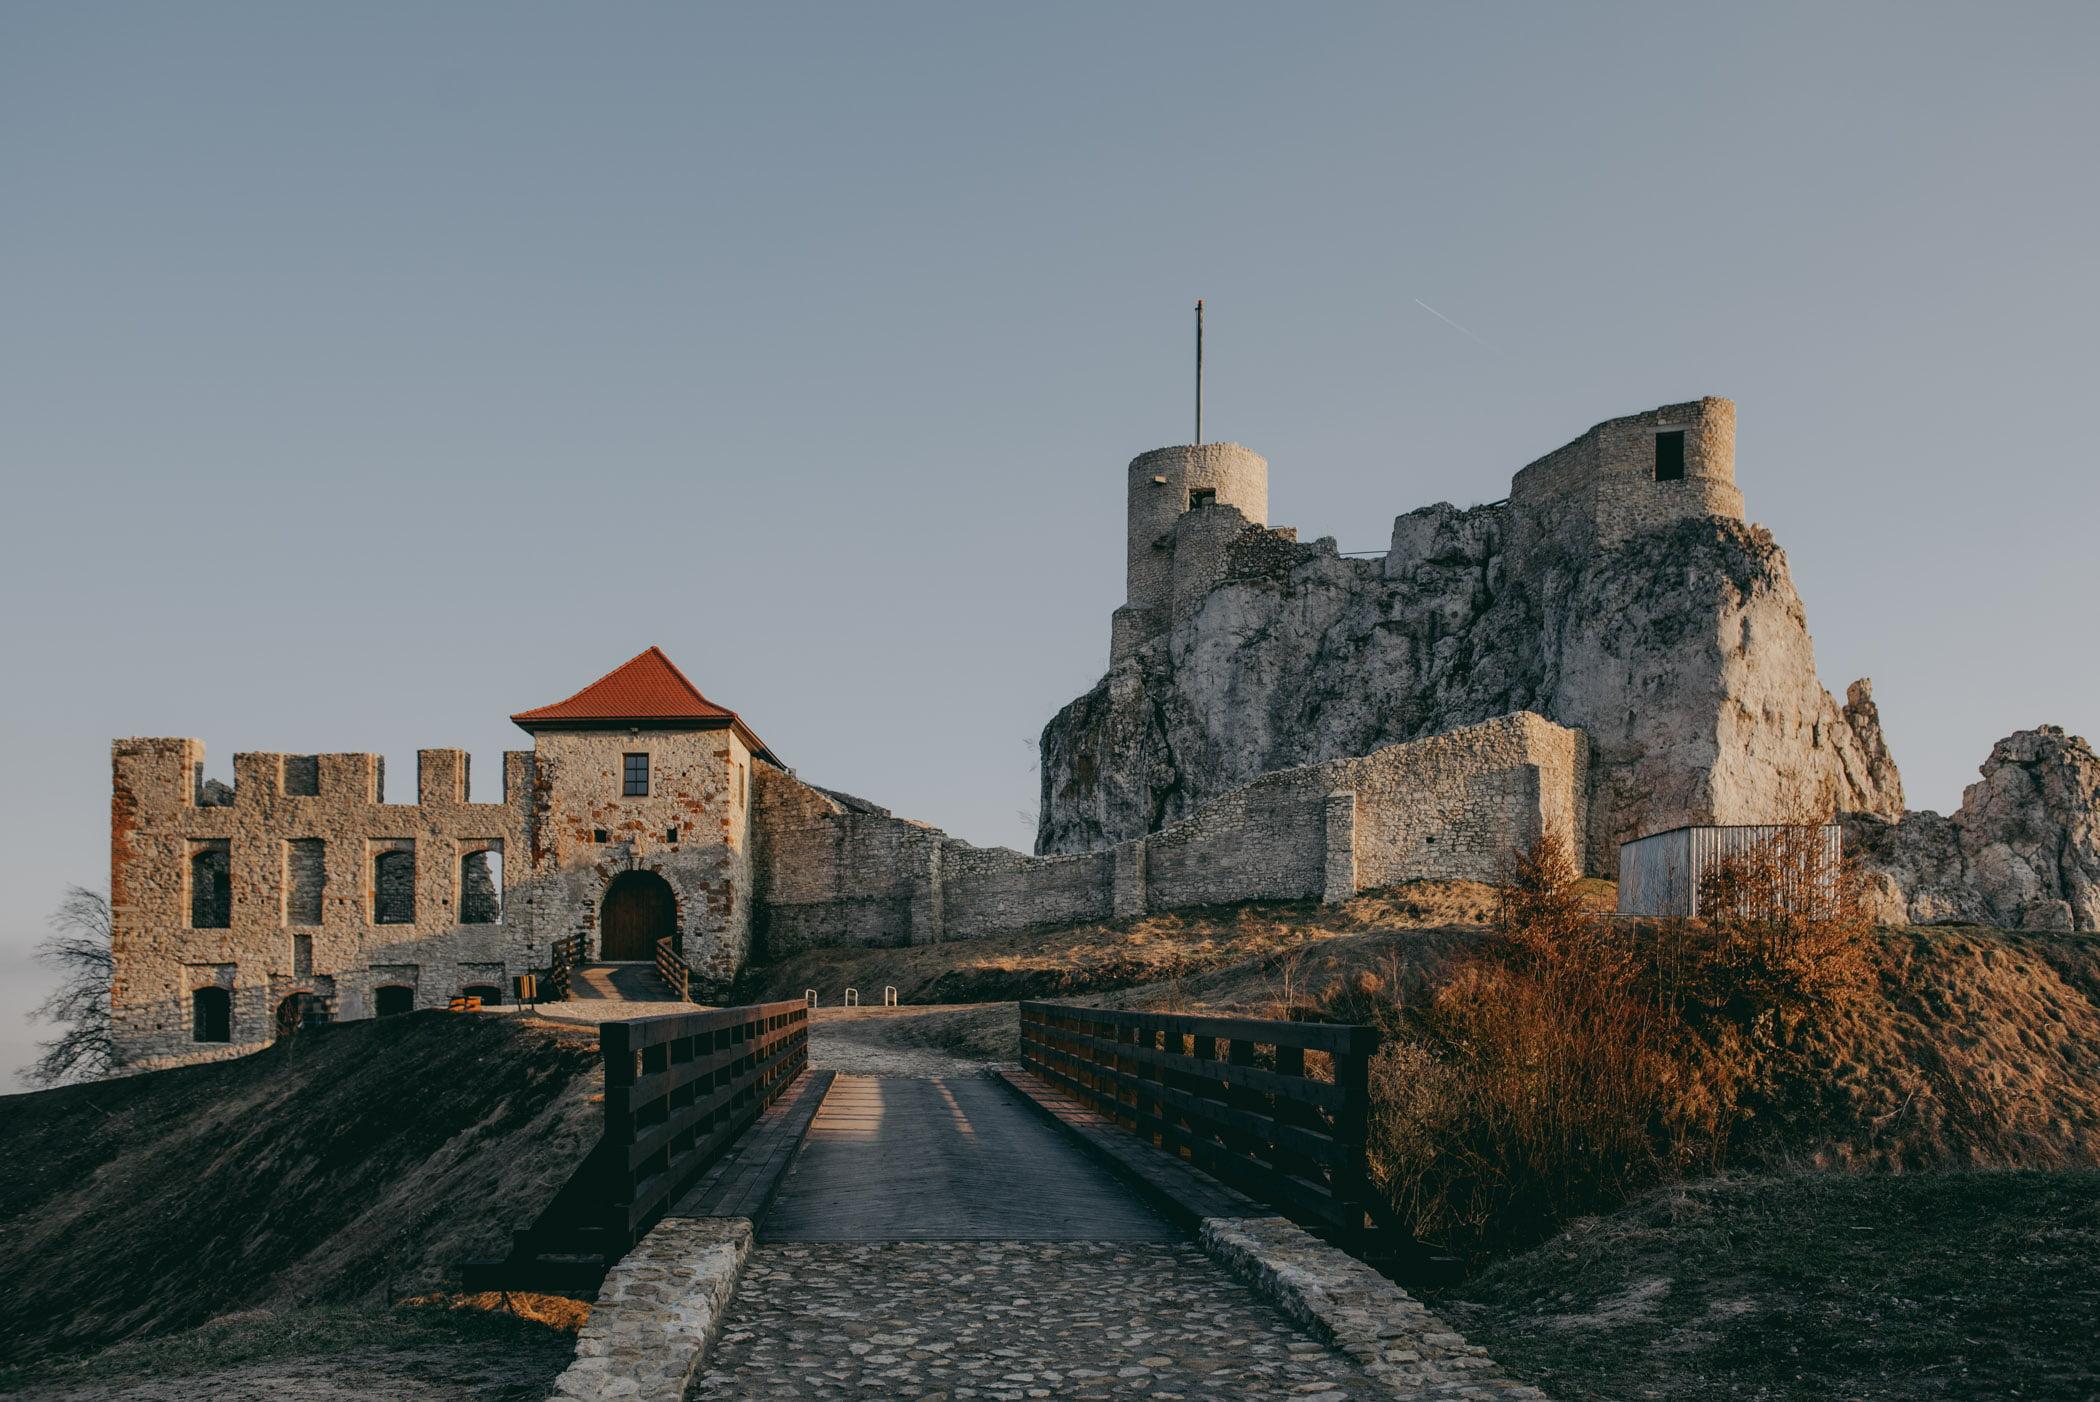 Zamek wRabsztynie